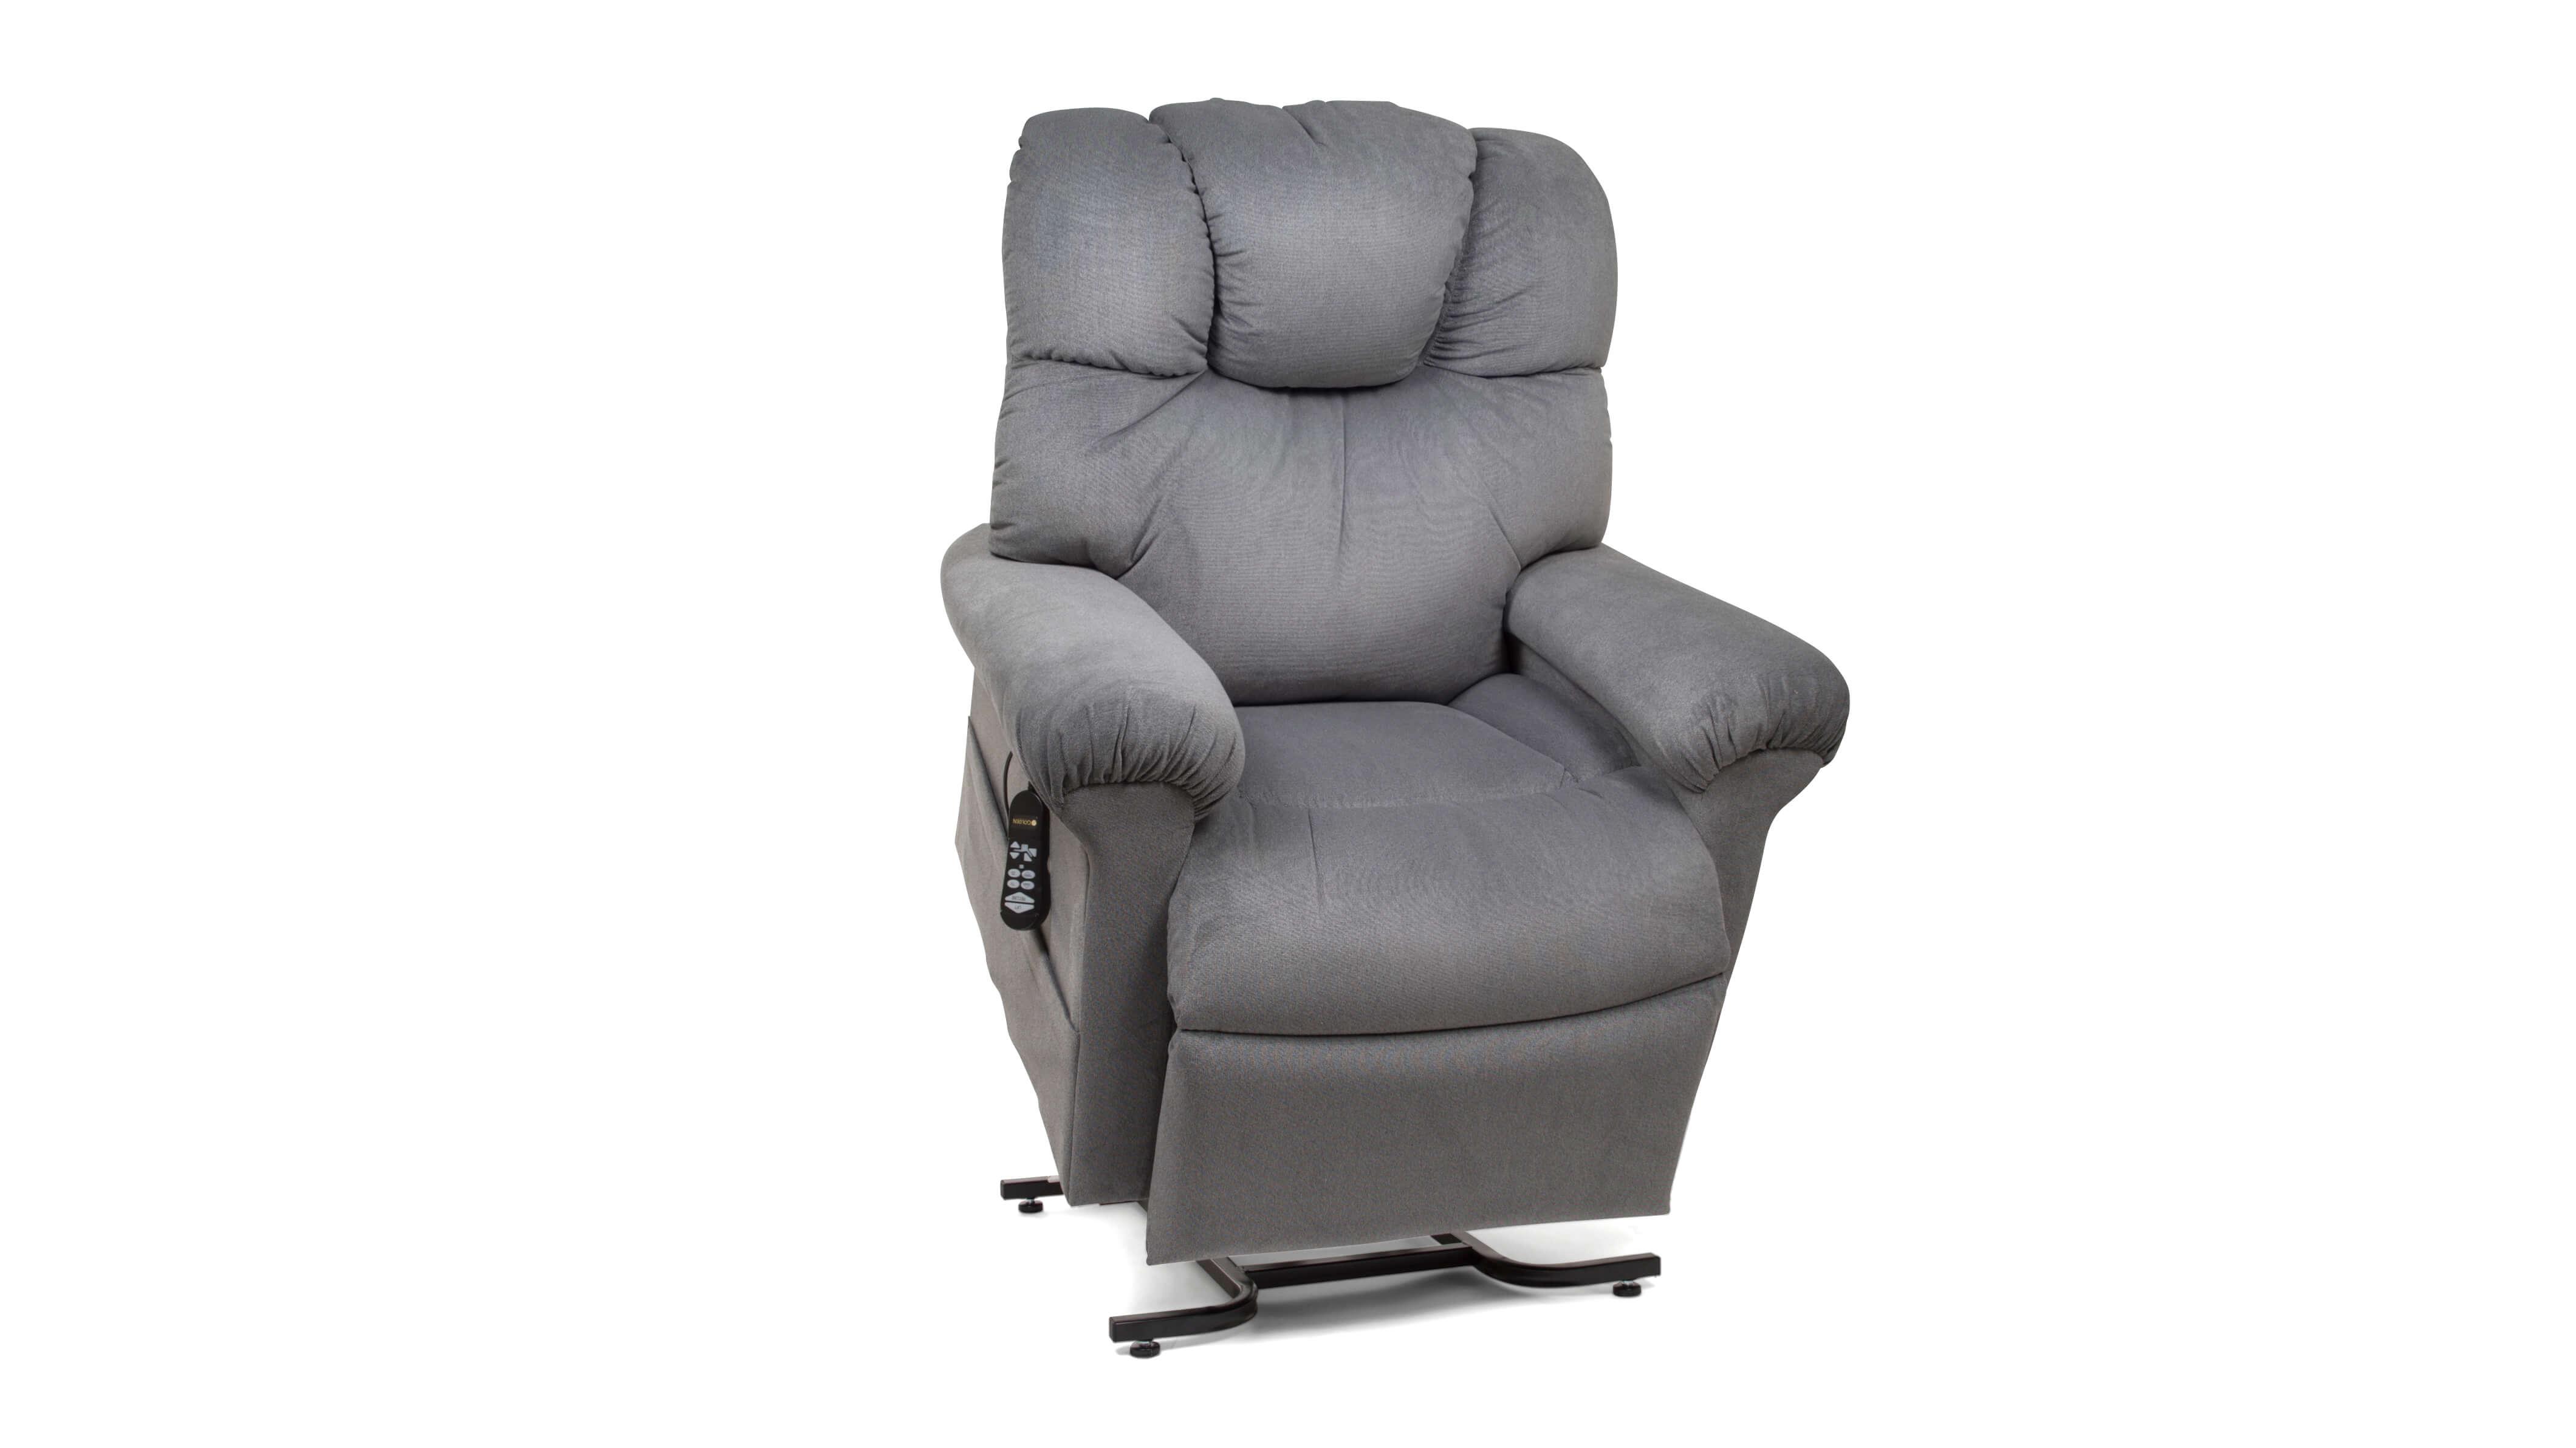 golden power chair oxo tot high seedling technologies maxicomfort series cloud pr512